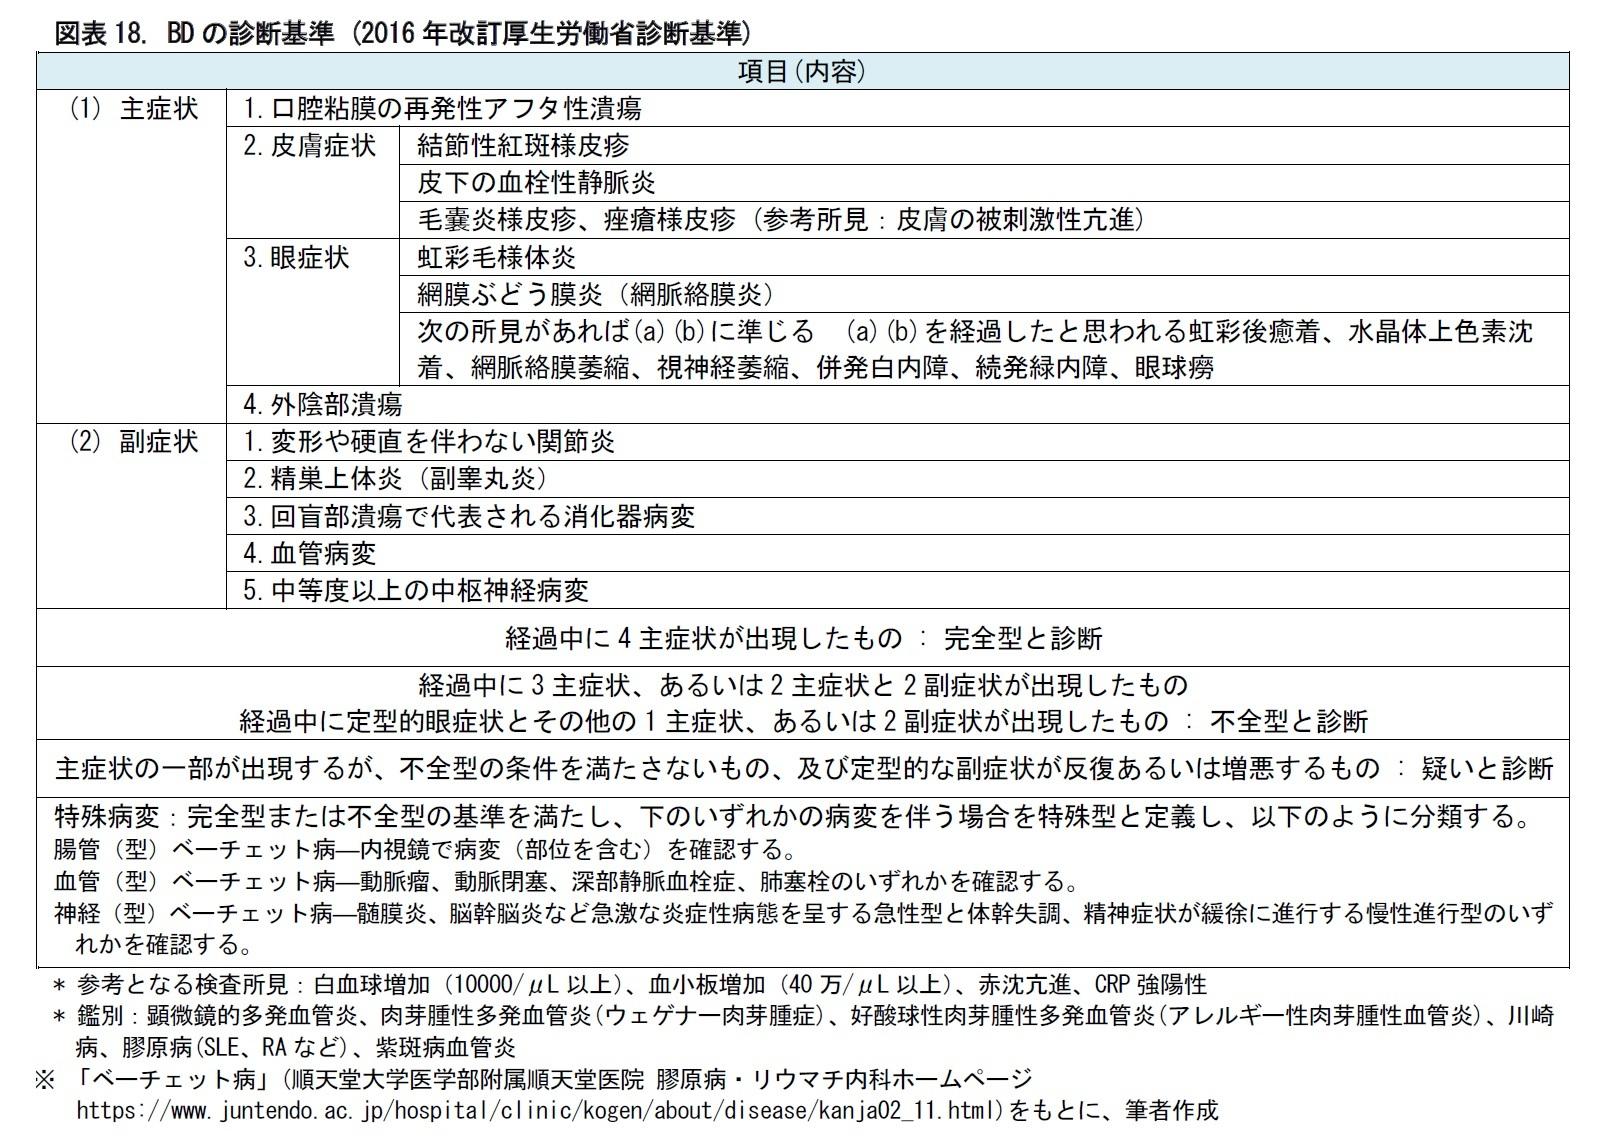 図表18. BDの診断基準 (2016年改訂厚生労働省診断基準)